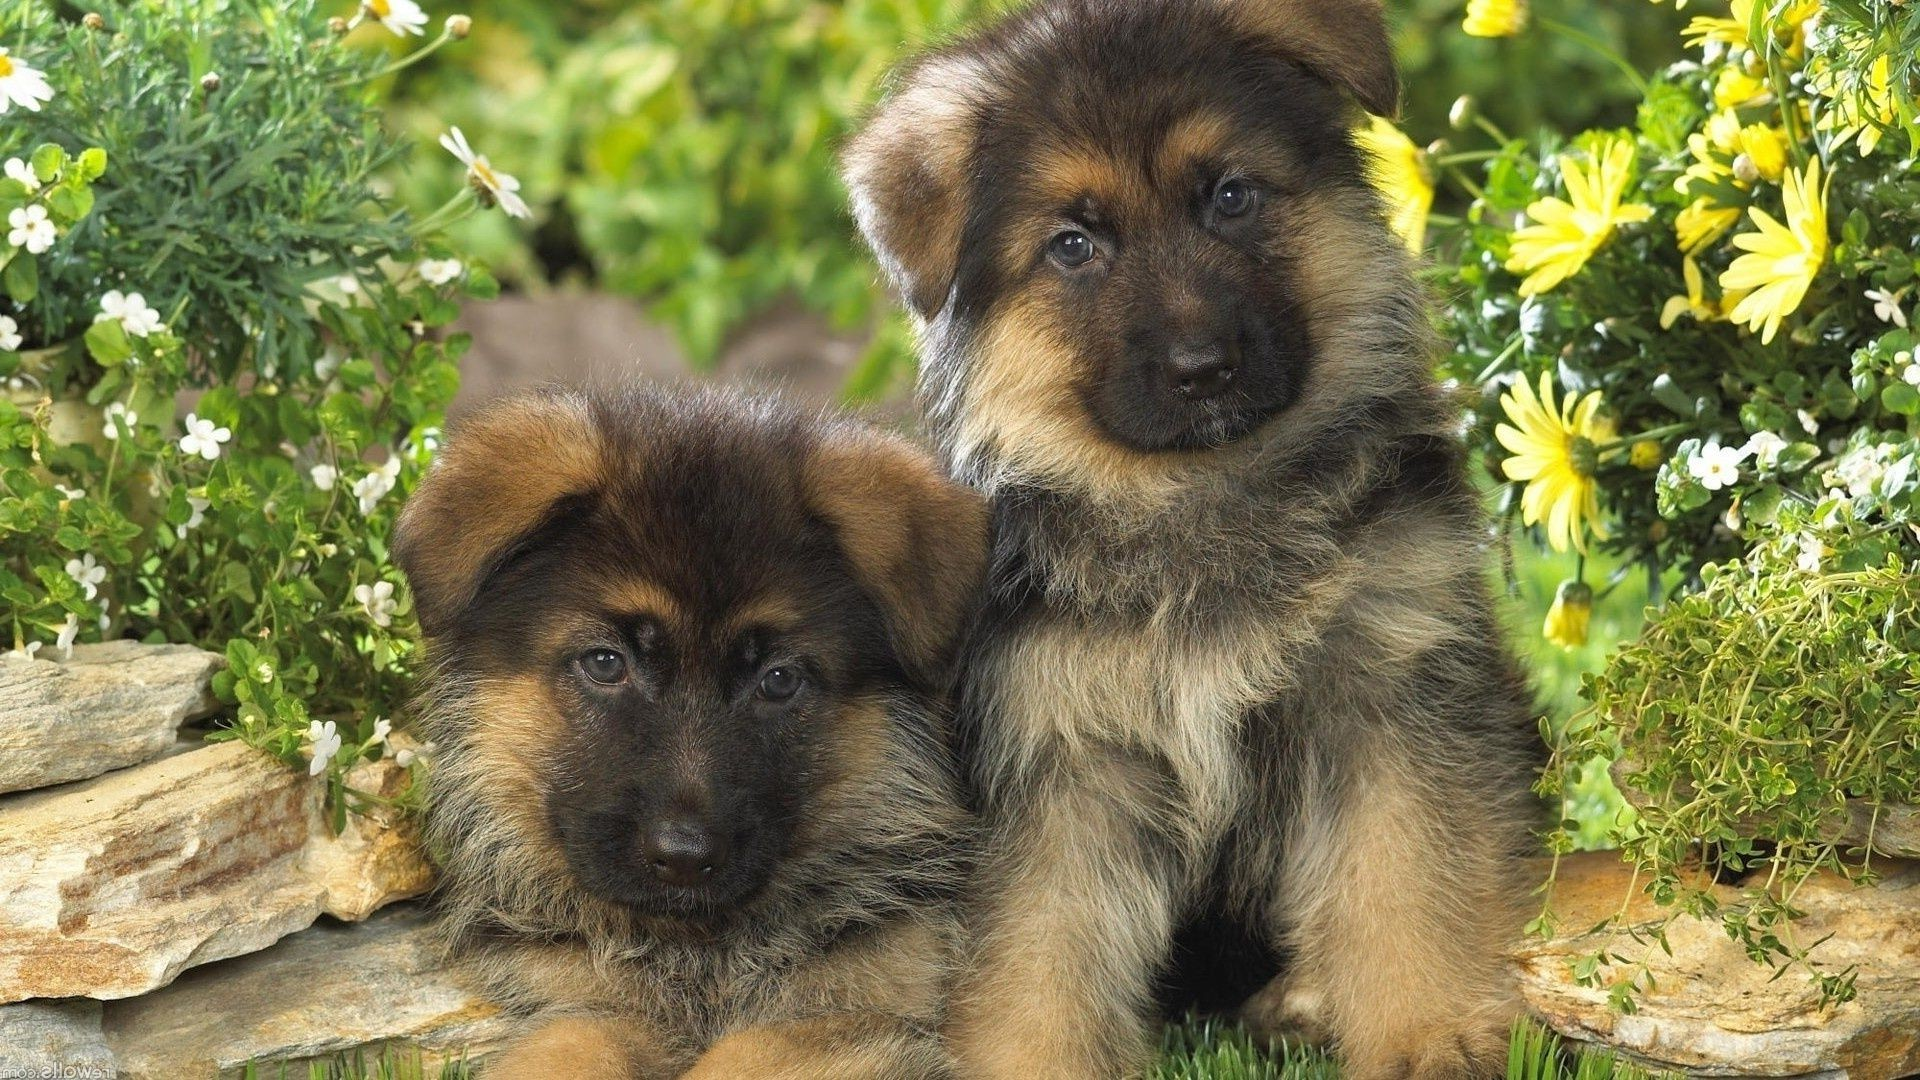 картинки на обои рабочего стола с собаками поздравления новым